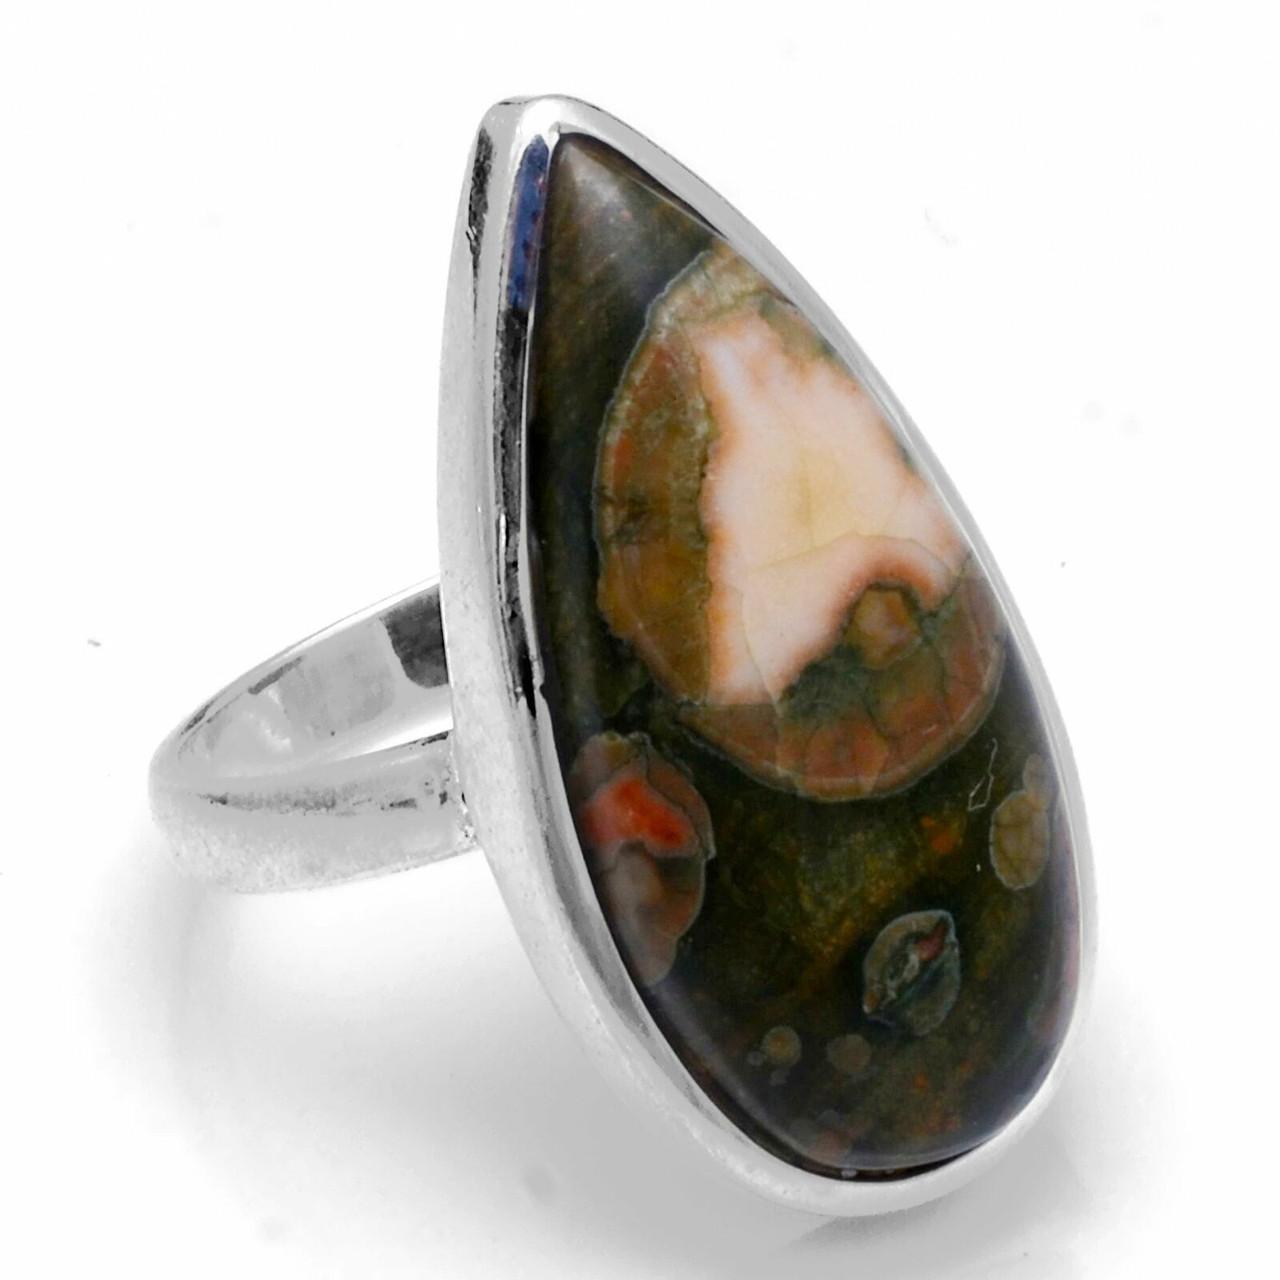 Срібне кільце з риолитом (ліпарі), 17*13 мм, 1924КЦР